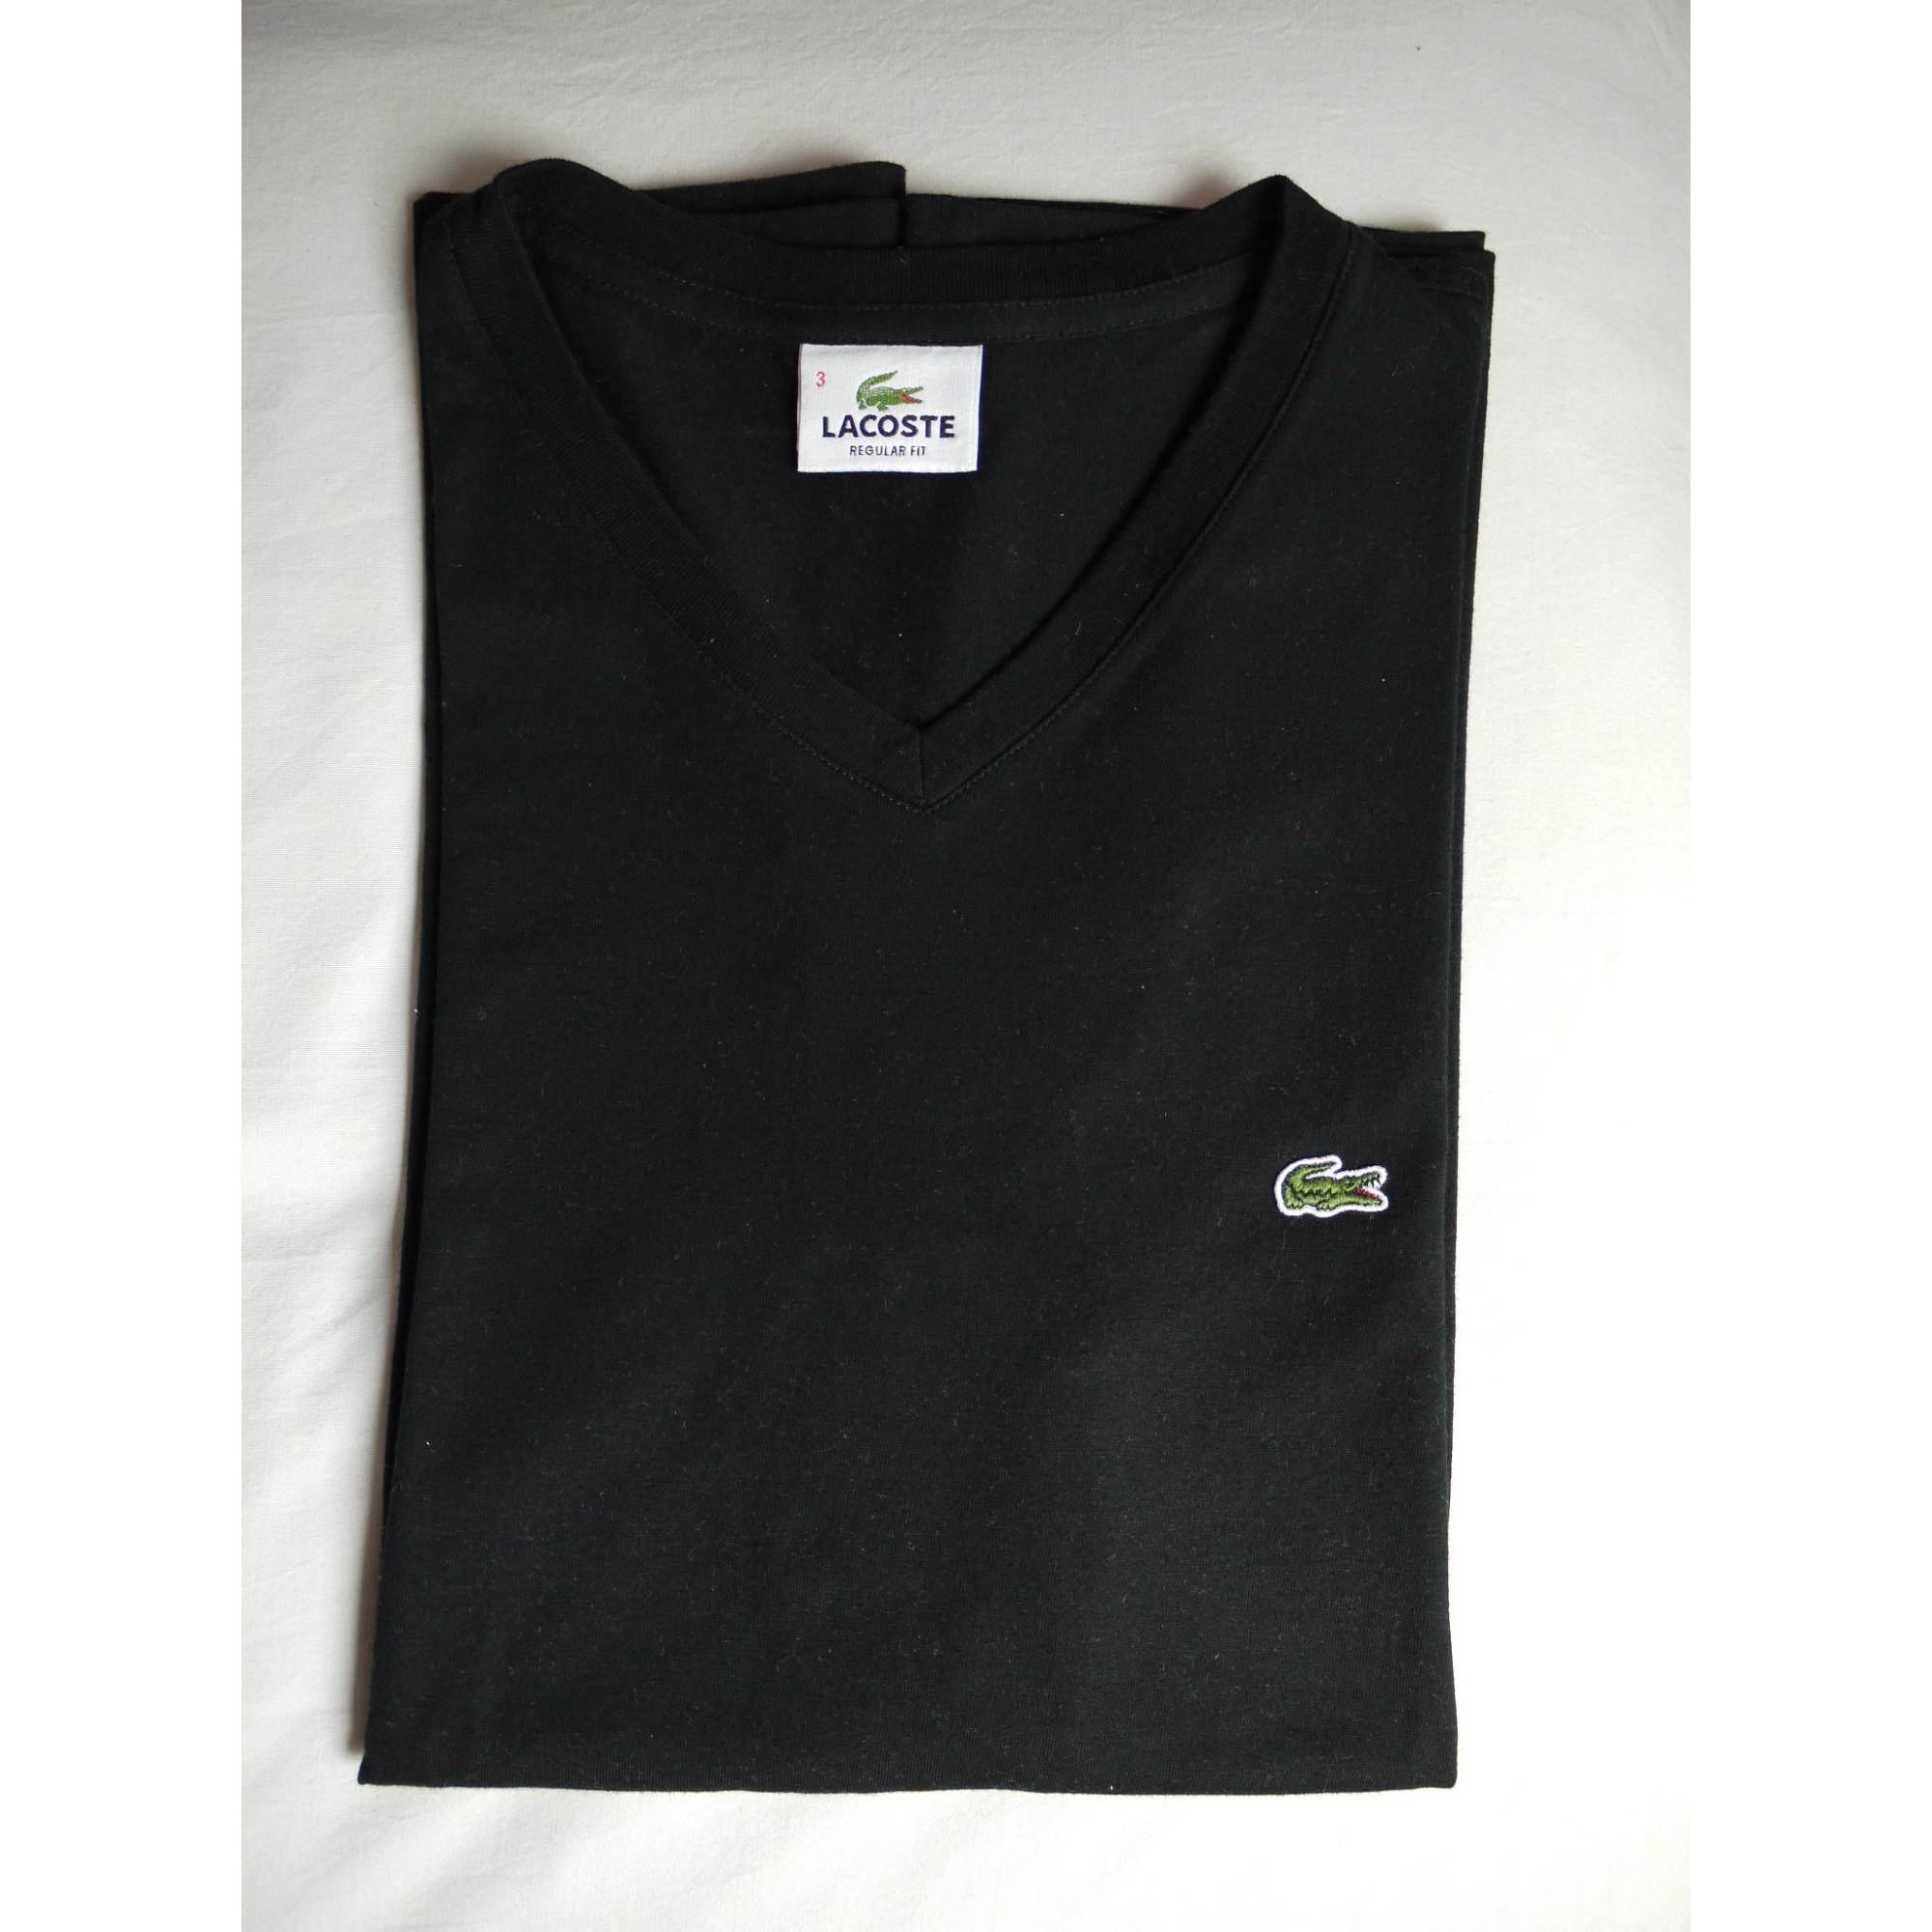 1a3184fff3 Tee-shirt LACOSTE 3 (L) noir vendu par De paola - 7953344